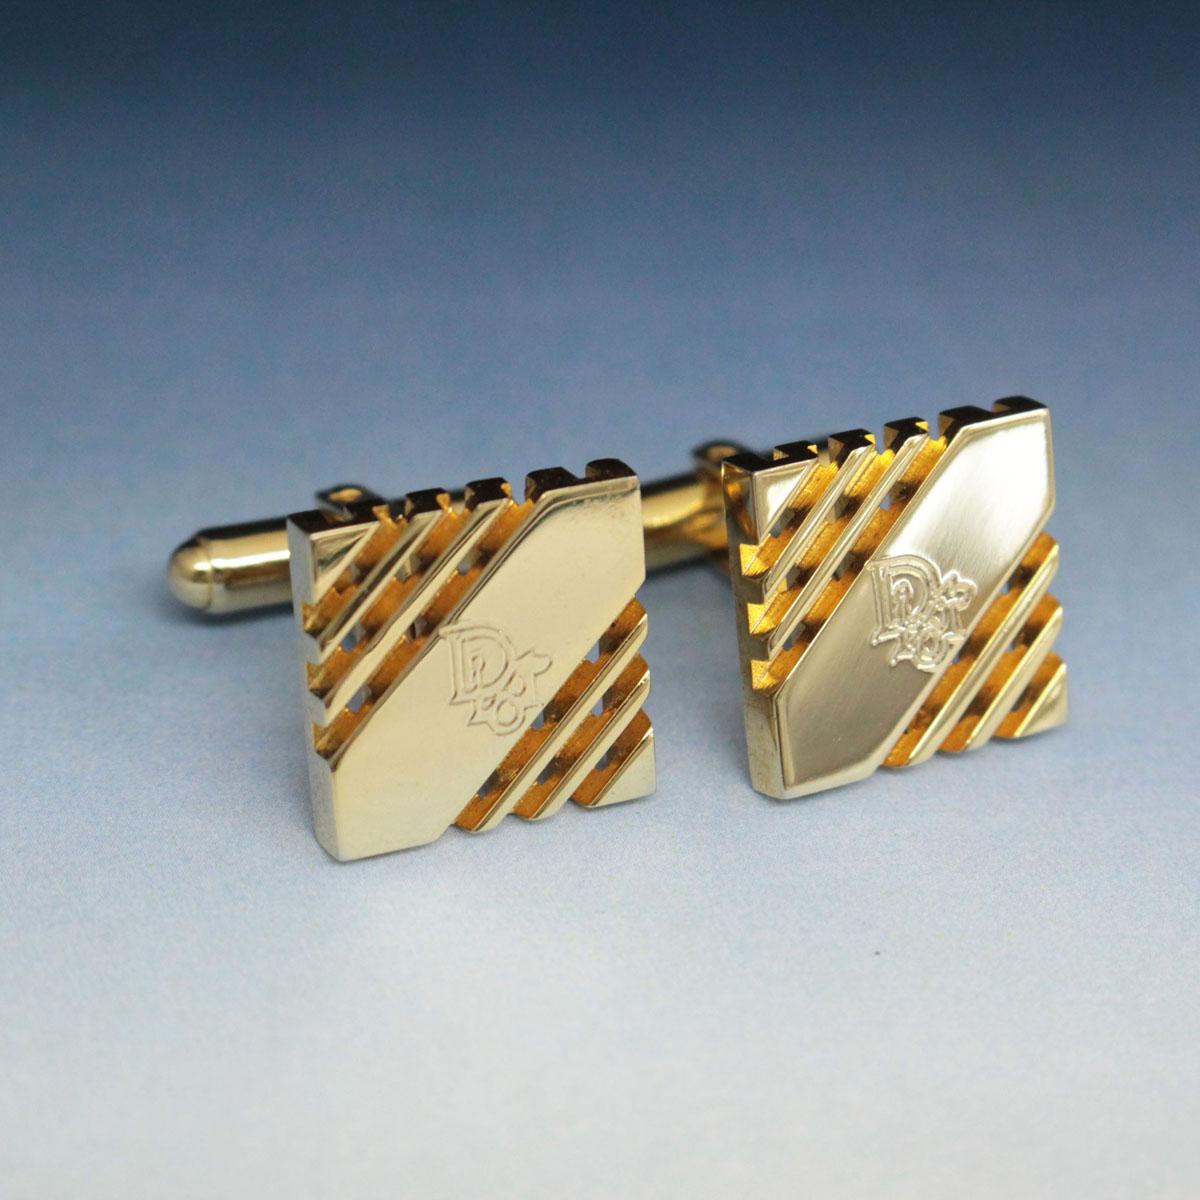 中古 Christian Dior クリスチャンディオール アイテム勢ぞろい 無料 ブランドロゴ カフス ビジネス小物 スクエア ゴールド メンズ gold スーツ小物